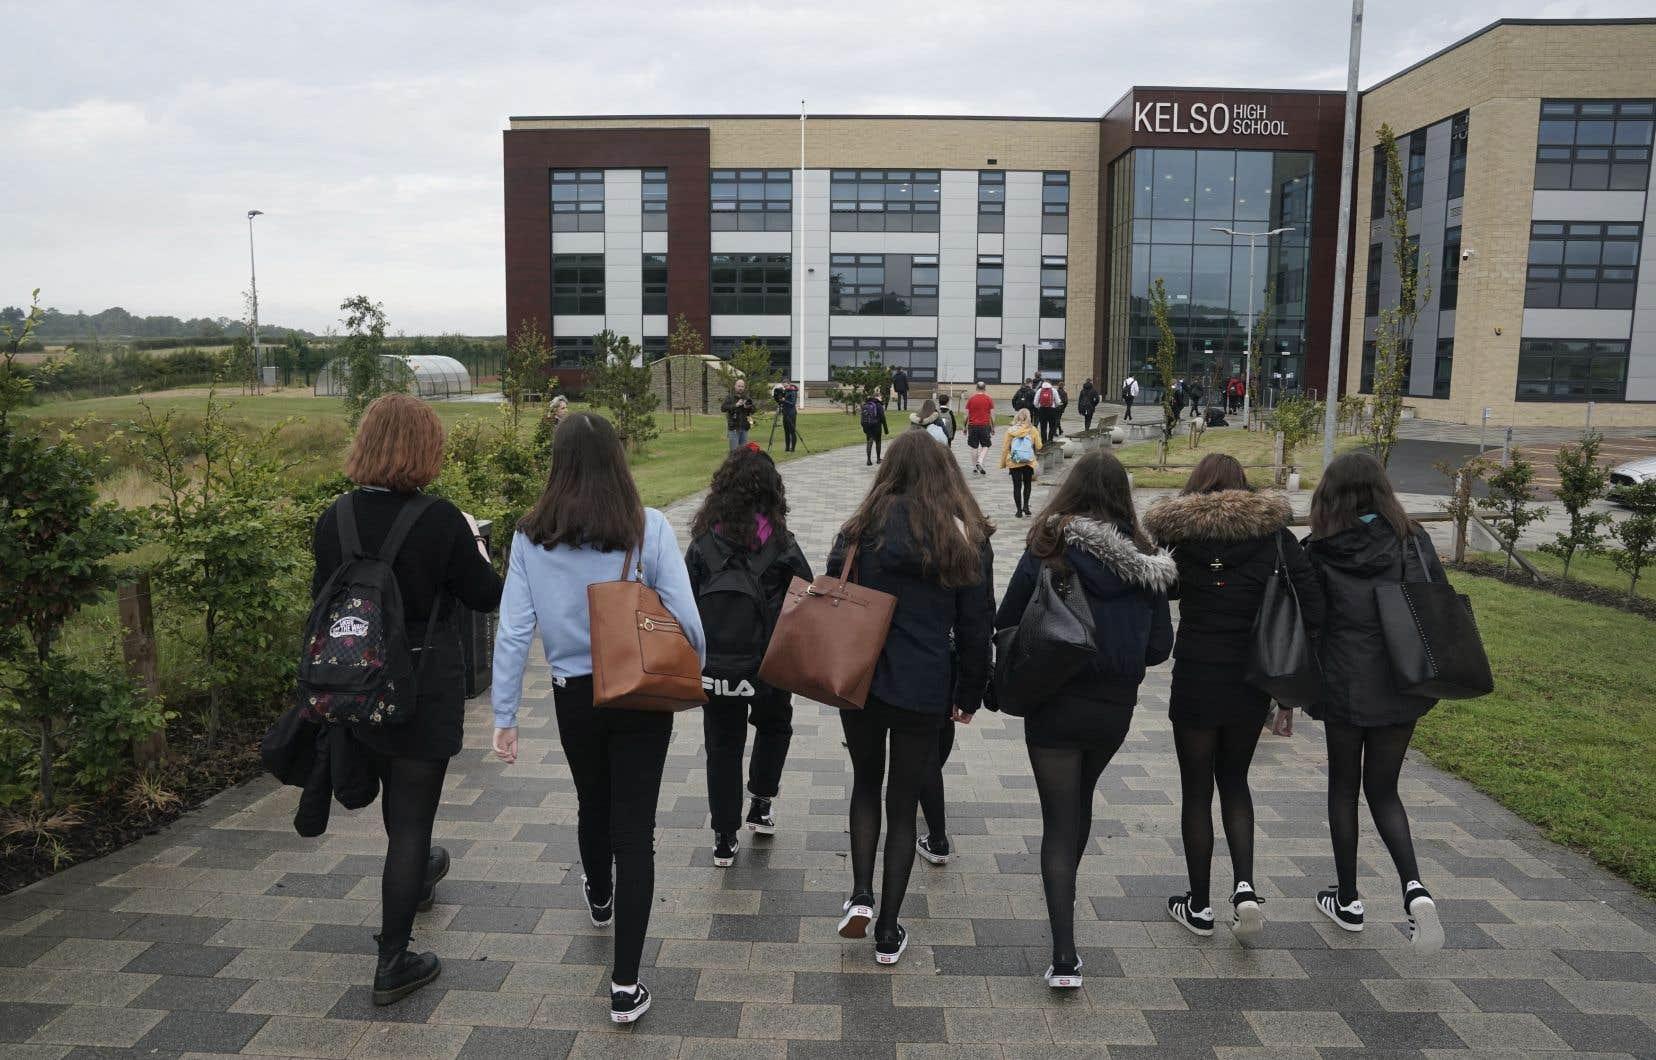 Des élèves arrivent à l'école secondaire Kelso alors que les écoles écossaises ont commencé à rouvrir, mardi 11 août 2020.